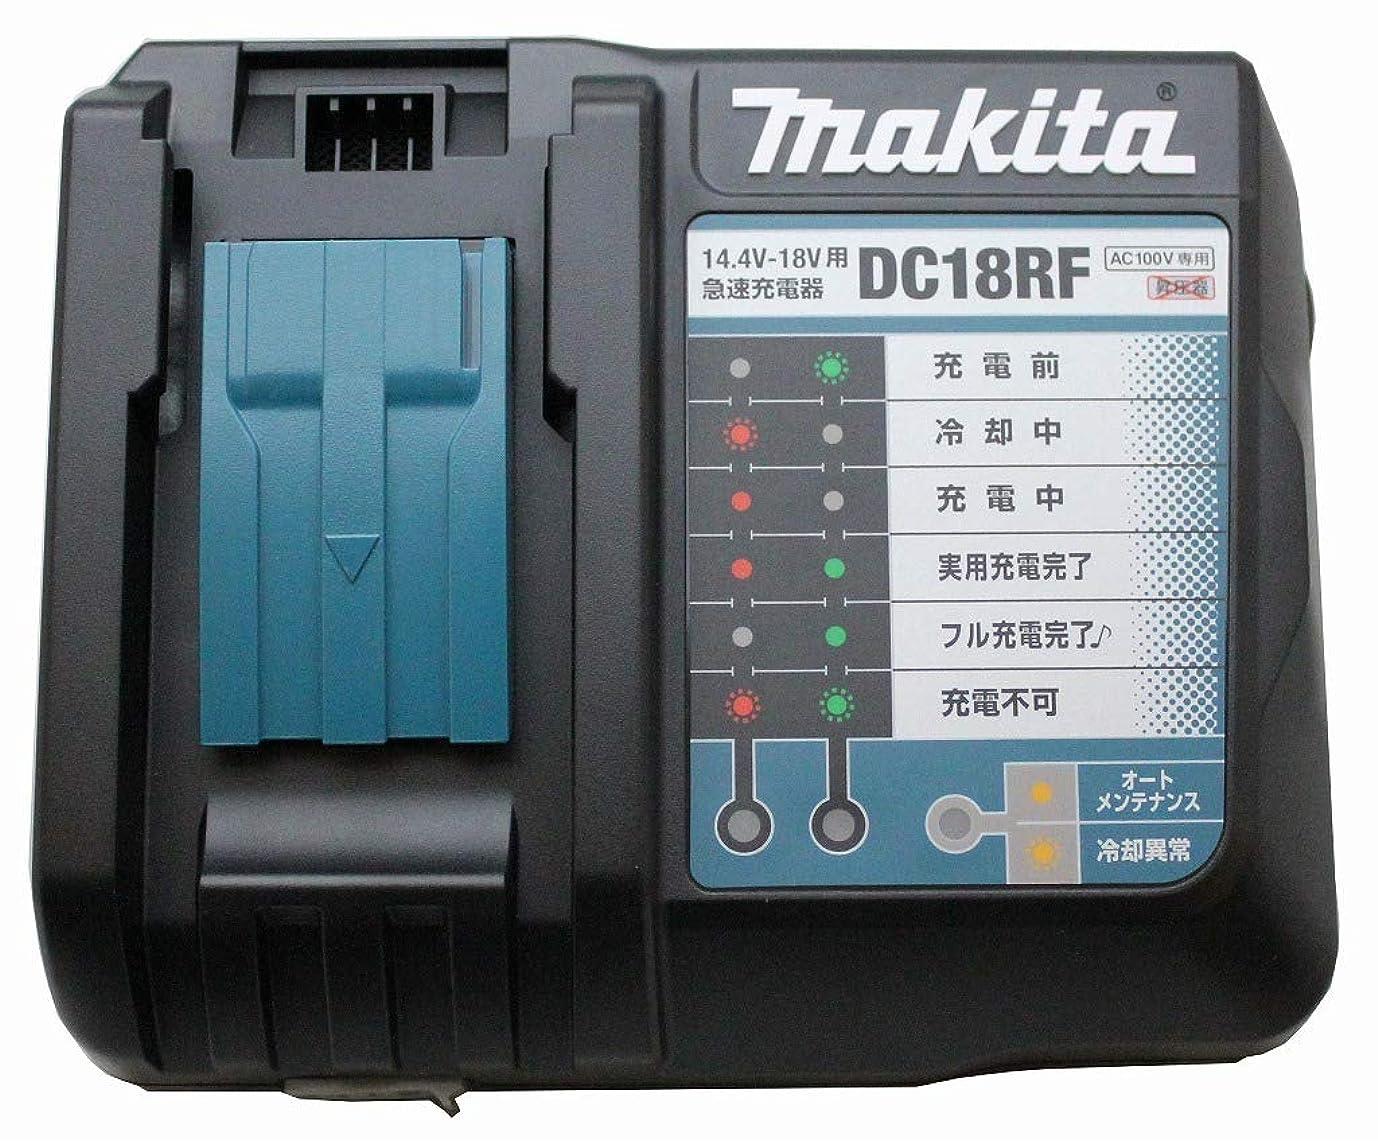 侵入する骨廃棄するマキタ DC18RF(スマホ等充電用USBポート付) 14.4V/18Vリチウムイオンバッテリ用急速充電器(JPADC18RF)